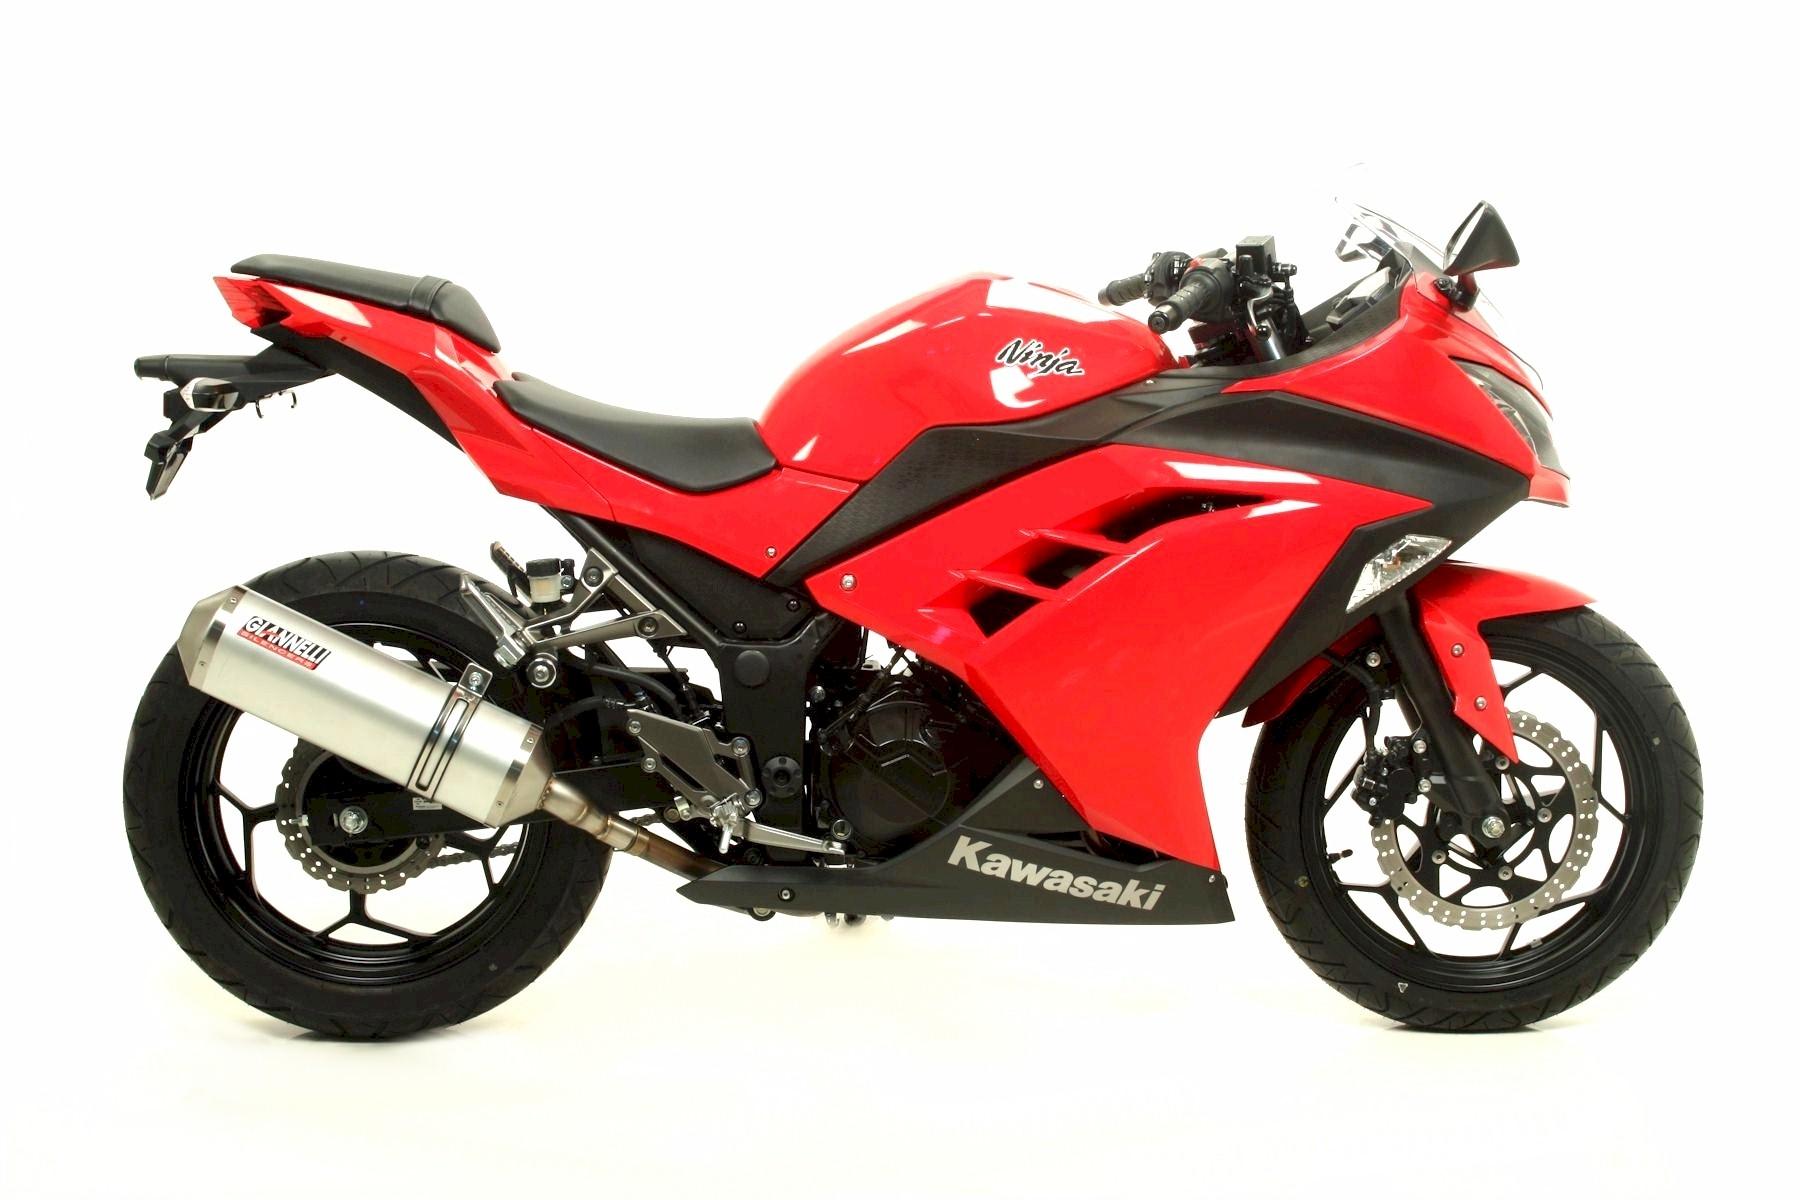 661fc85a-c4a9-4b13-b4ca-88929ad0a170_kawa-ninja300_3